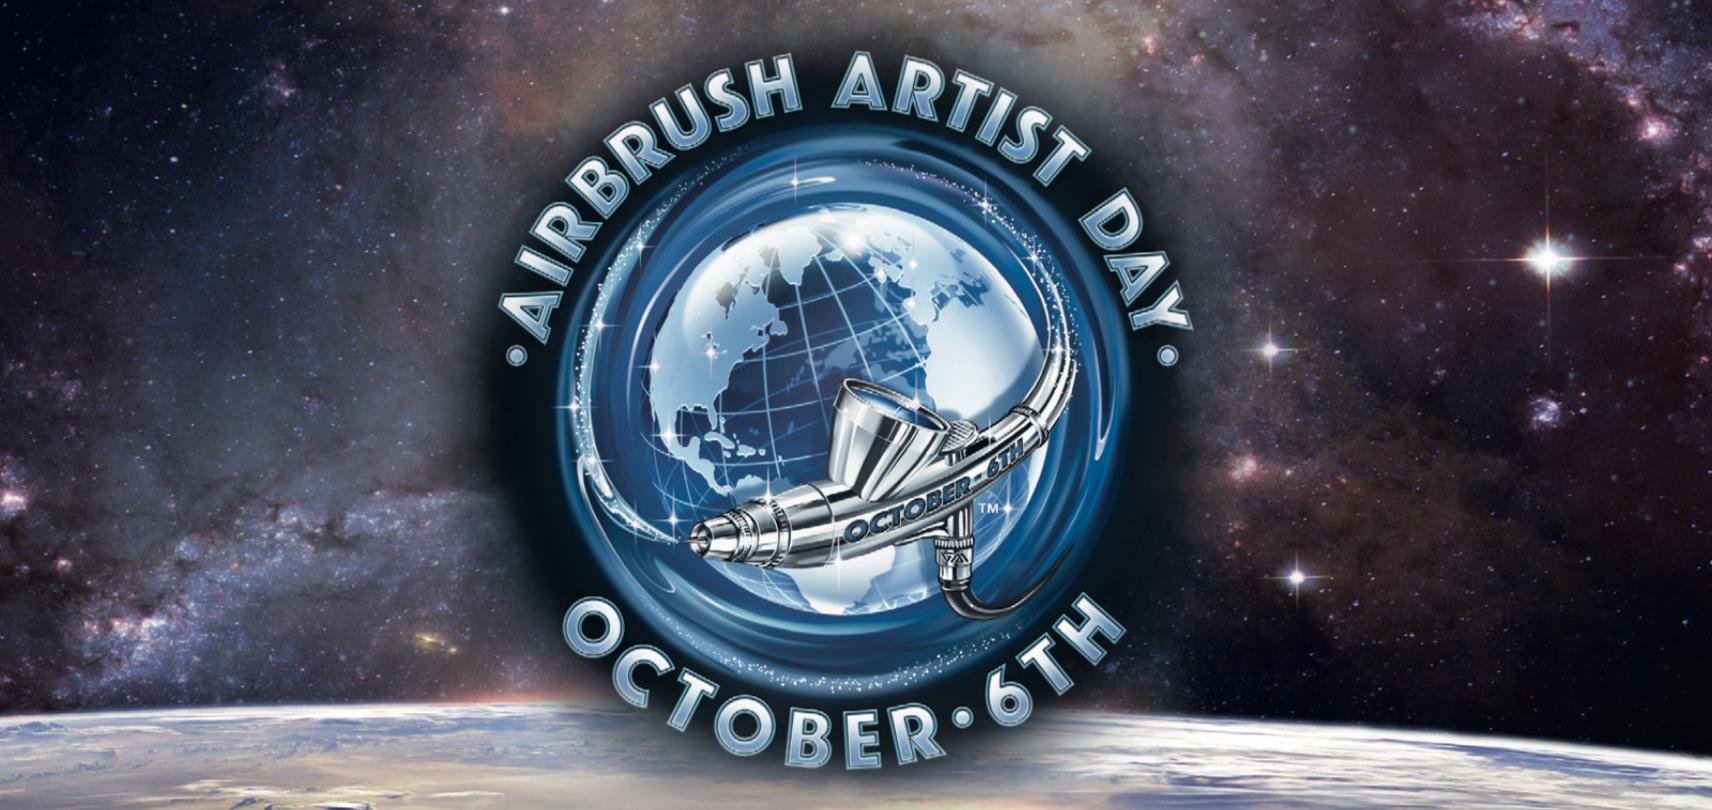 Airbrush Artist Day 2020: Corona zum Trotz